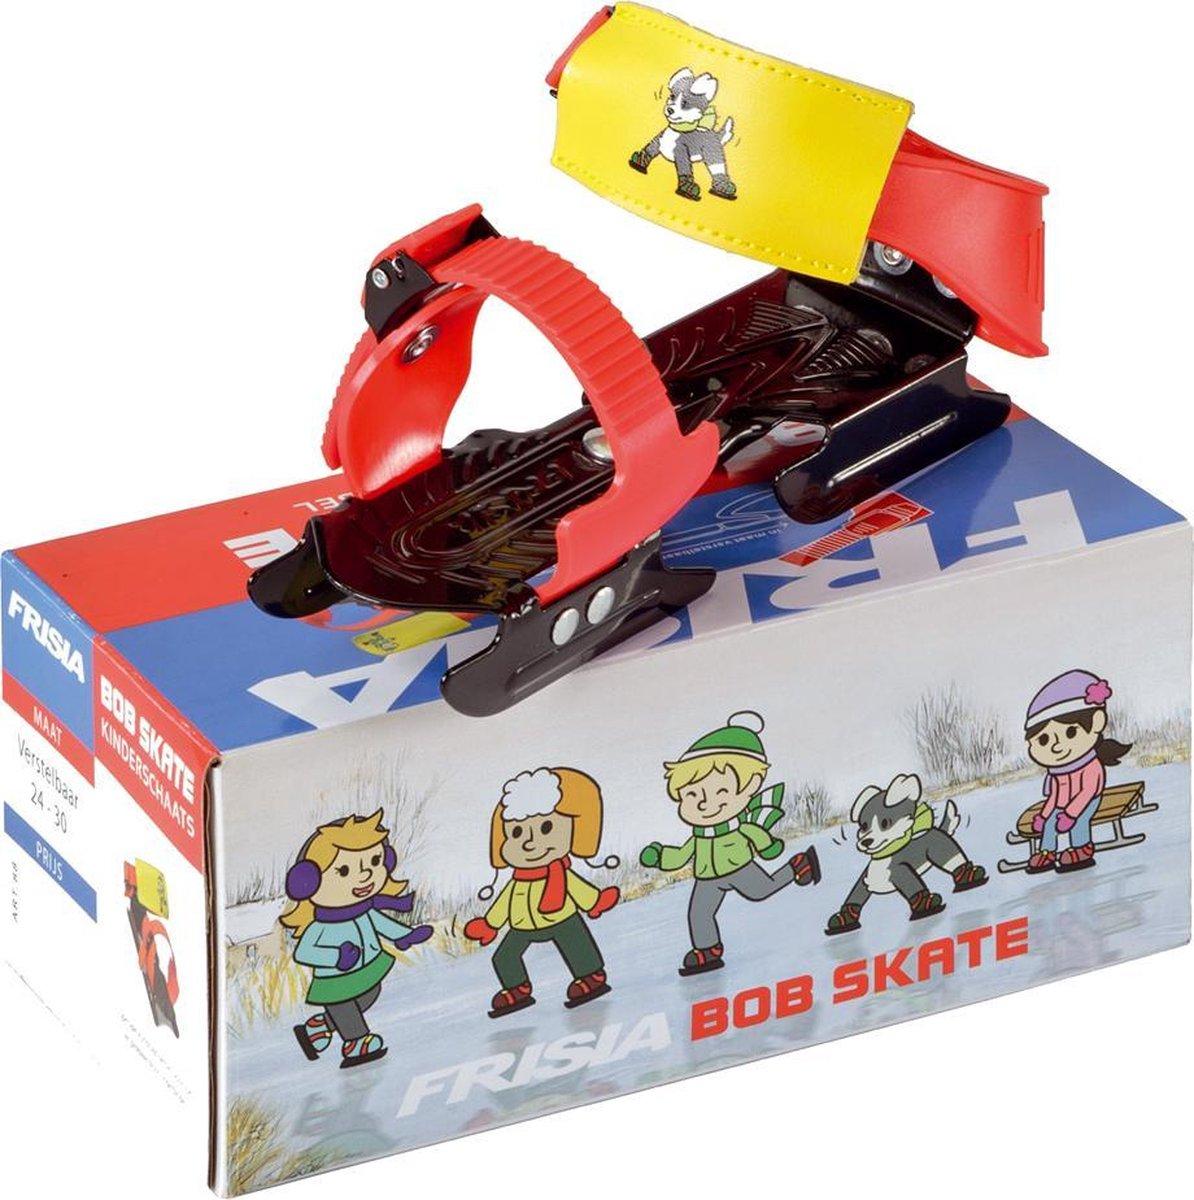 Zandstra | Bob skate deluxe - Glij ijzers - Verstelbaar - maat 24-30 - Zwart/Rood/Geel.